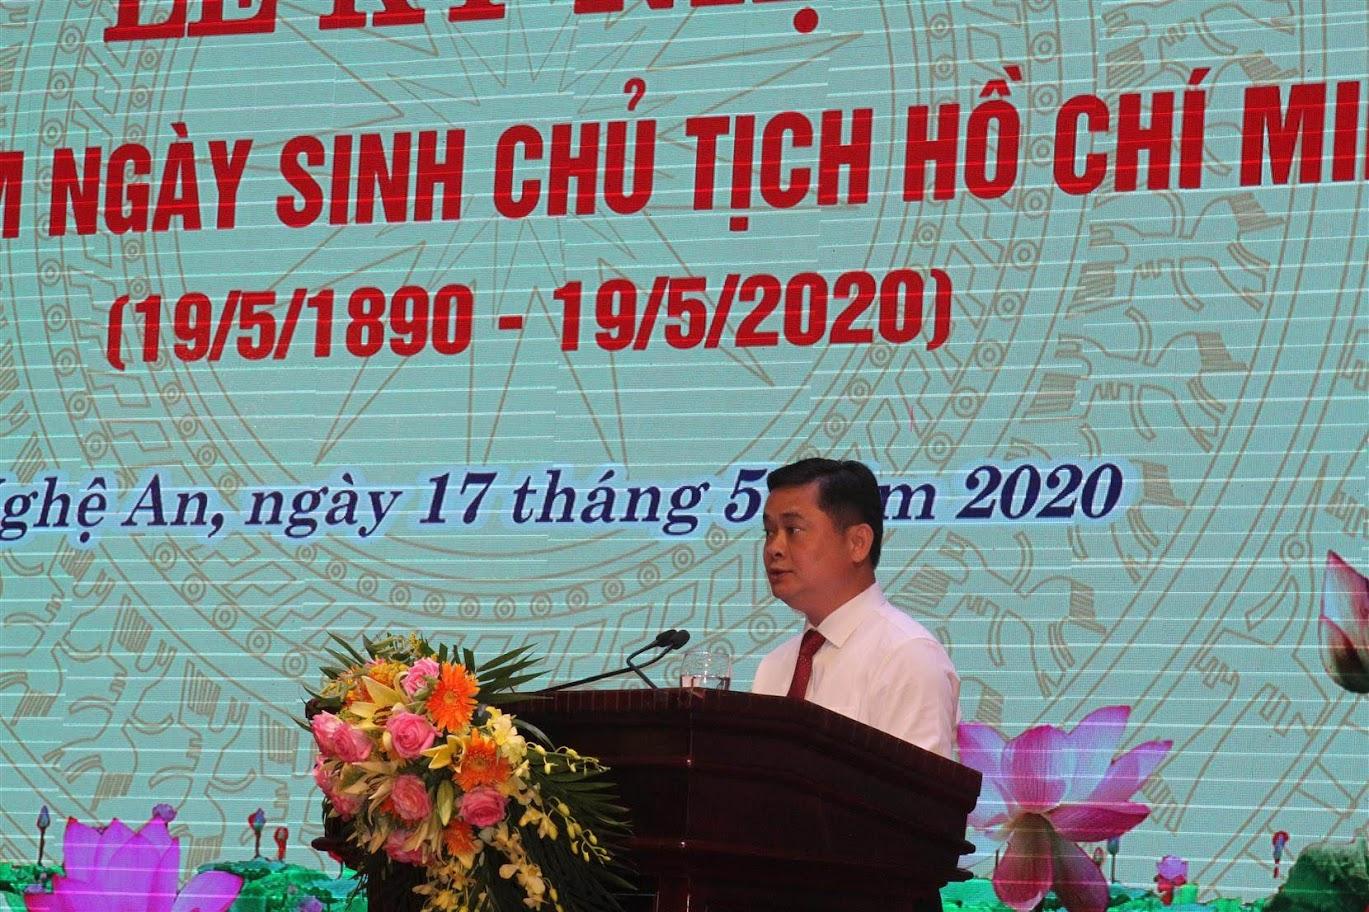 Đồng chí Thái Thanh Quý, Ủy viên dự khuyết Ban chấp hành Trung ương Đảng, Bí thư Tỉnh ủy đọc diễn văn tại buổi lễ.